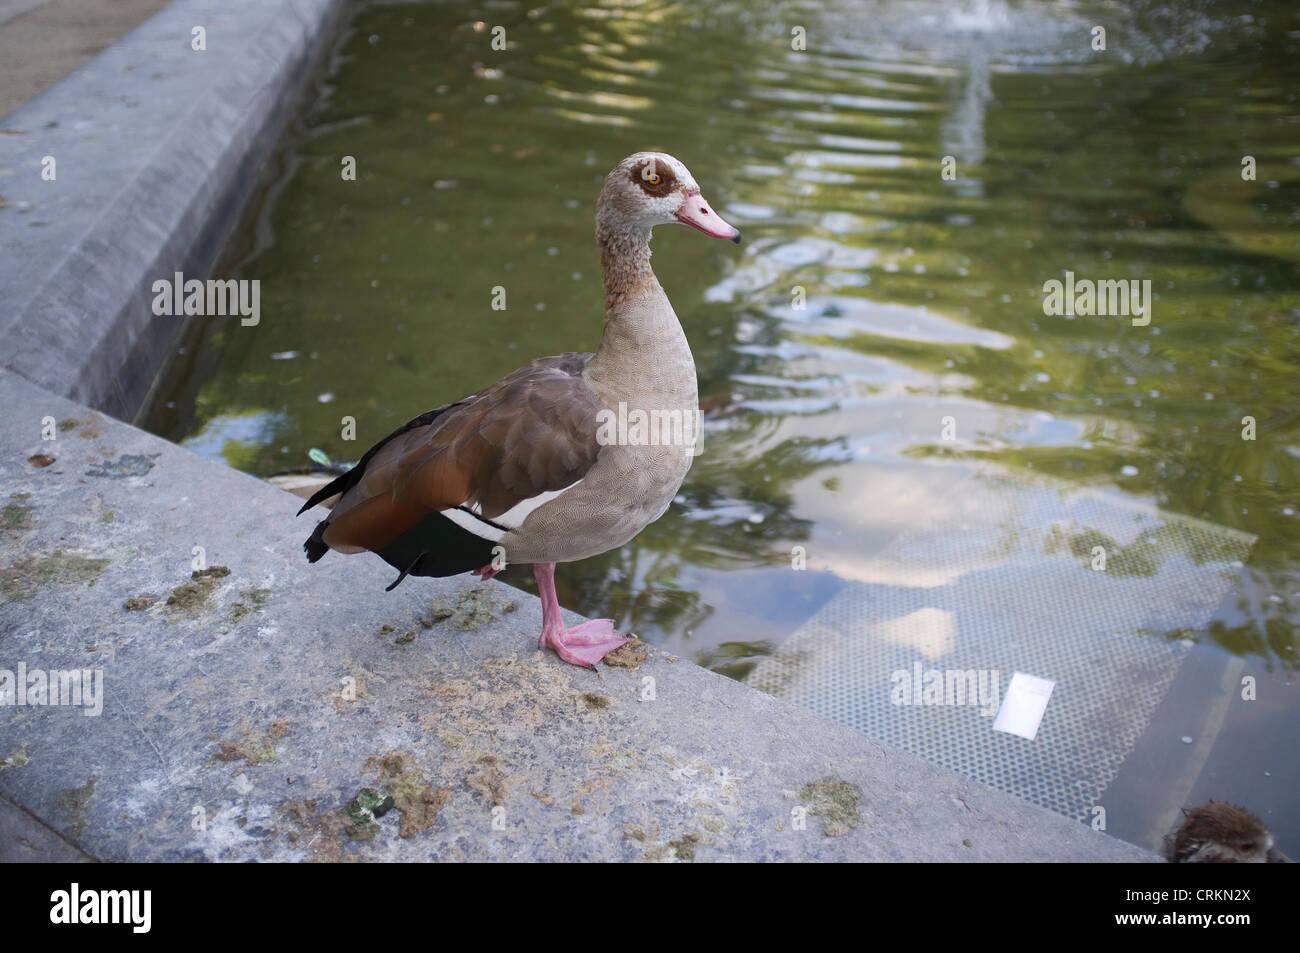 Waterfowl beside Pond Brussels, Belgium - Stock Image